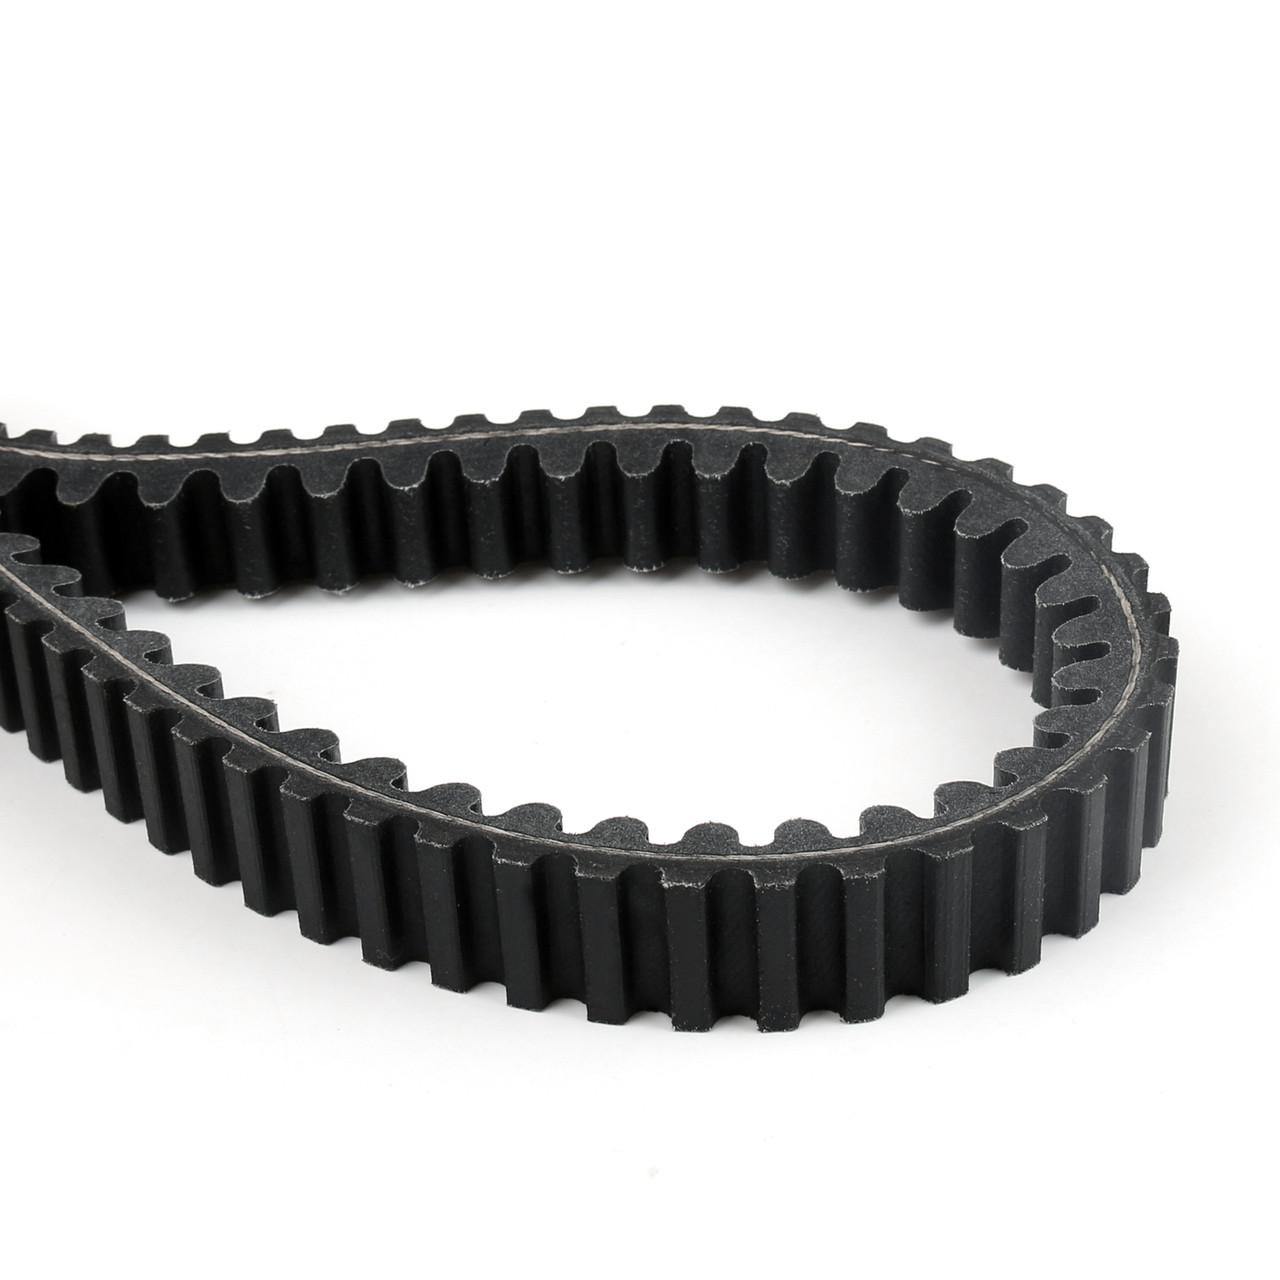 External Drive Belt V-belt Fit for Suzuki AN 400 Burgman Skywave 400 03-06 Black